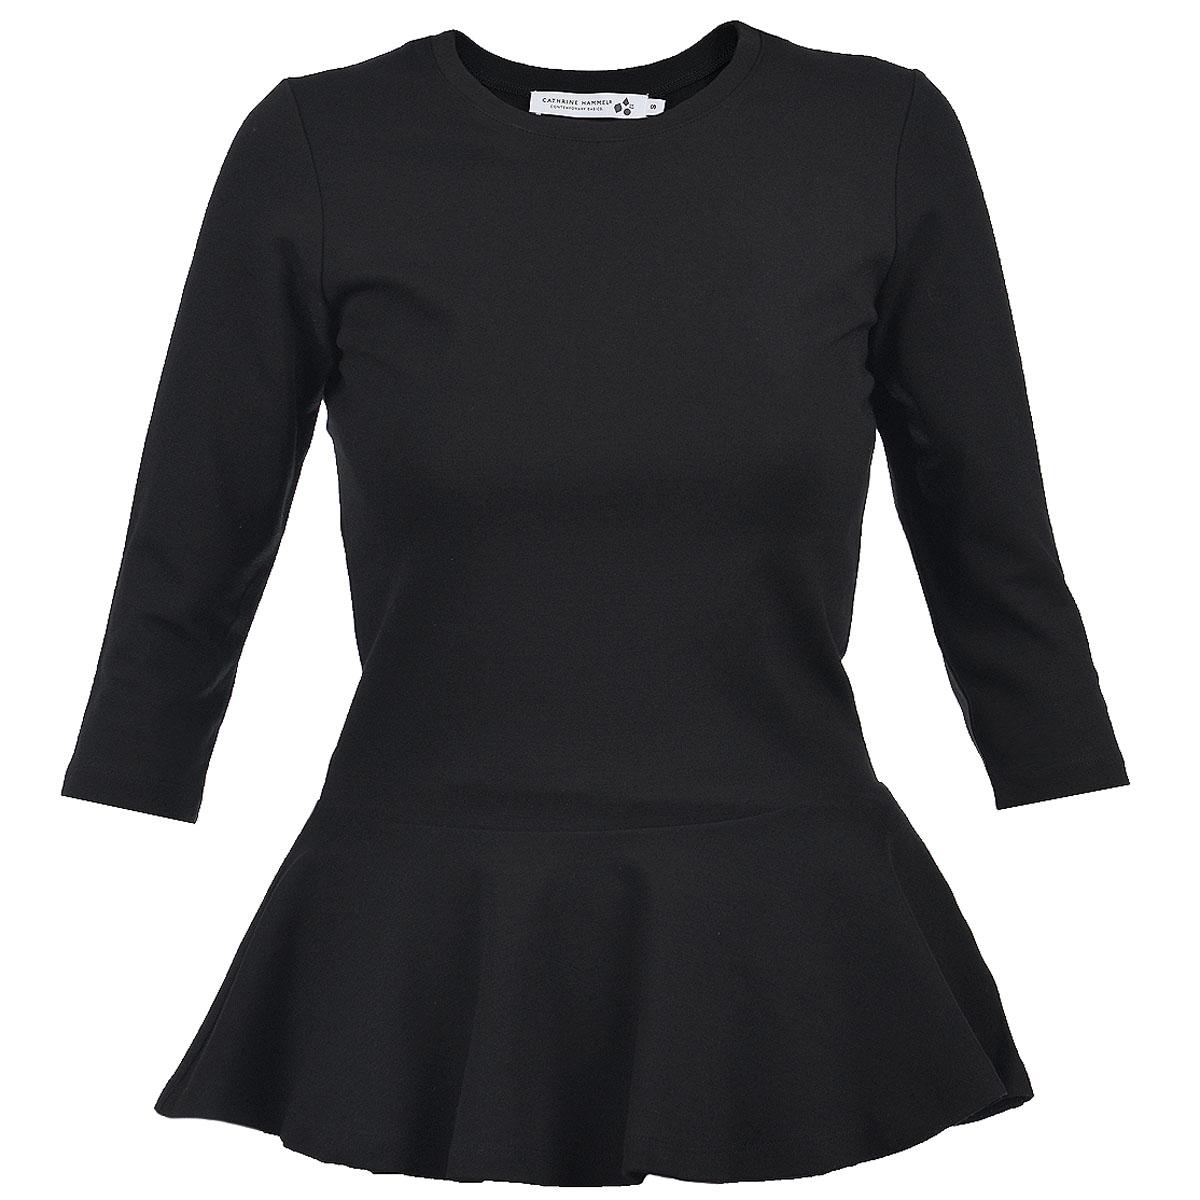 Блуза Cathrine Hammel, цвет: черный. 36.13. Размер XS (40)36.13Оригинальная блуза Cathrine Hammel создана, чтобы сыграть выигрышную партию в повседневном гардеробе.Очаровательная блуза с круглым вырезом горловины выполнена из вискозы с добавлением нейлона и спандекса. В такой оригинальной блузе вы будете чувствовать себя уютно и комфортно и всегда будете в центре внимания!